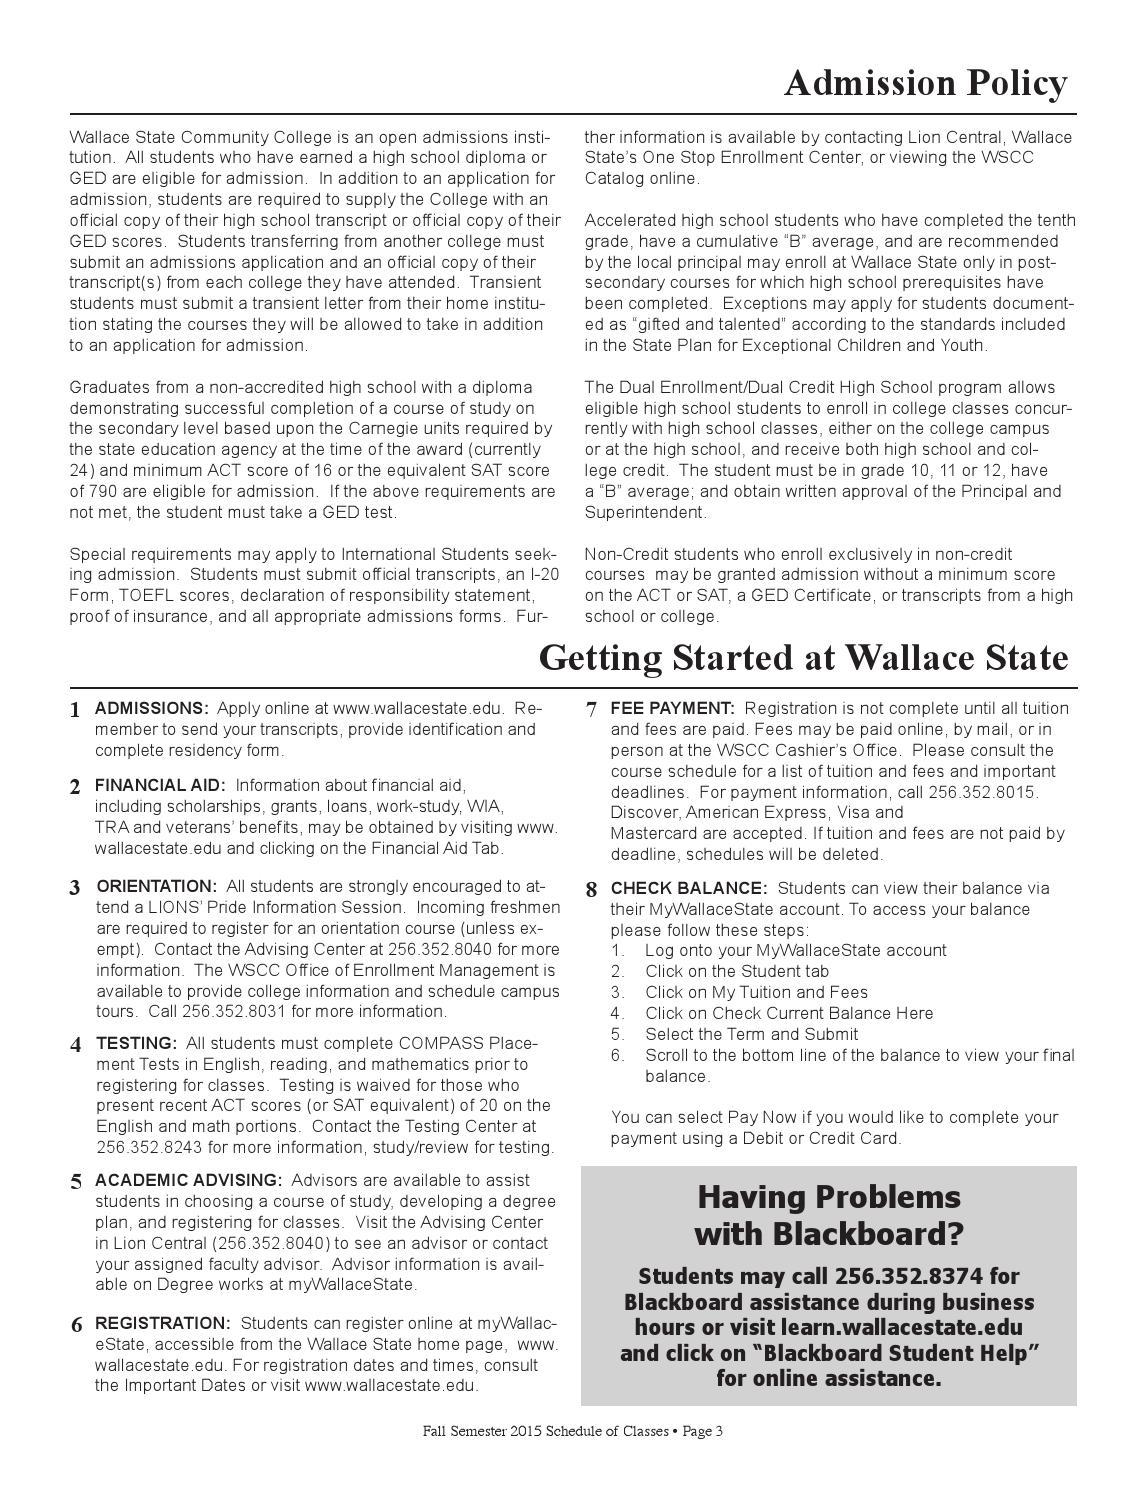 www.wallacestate.edu blackboard